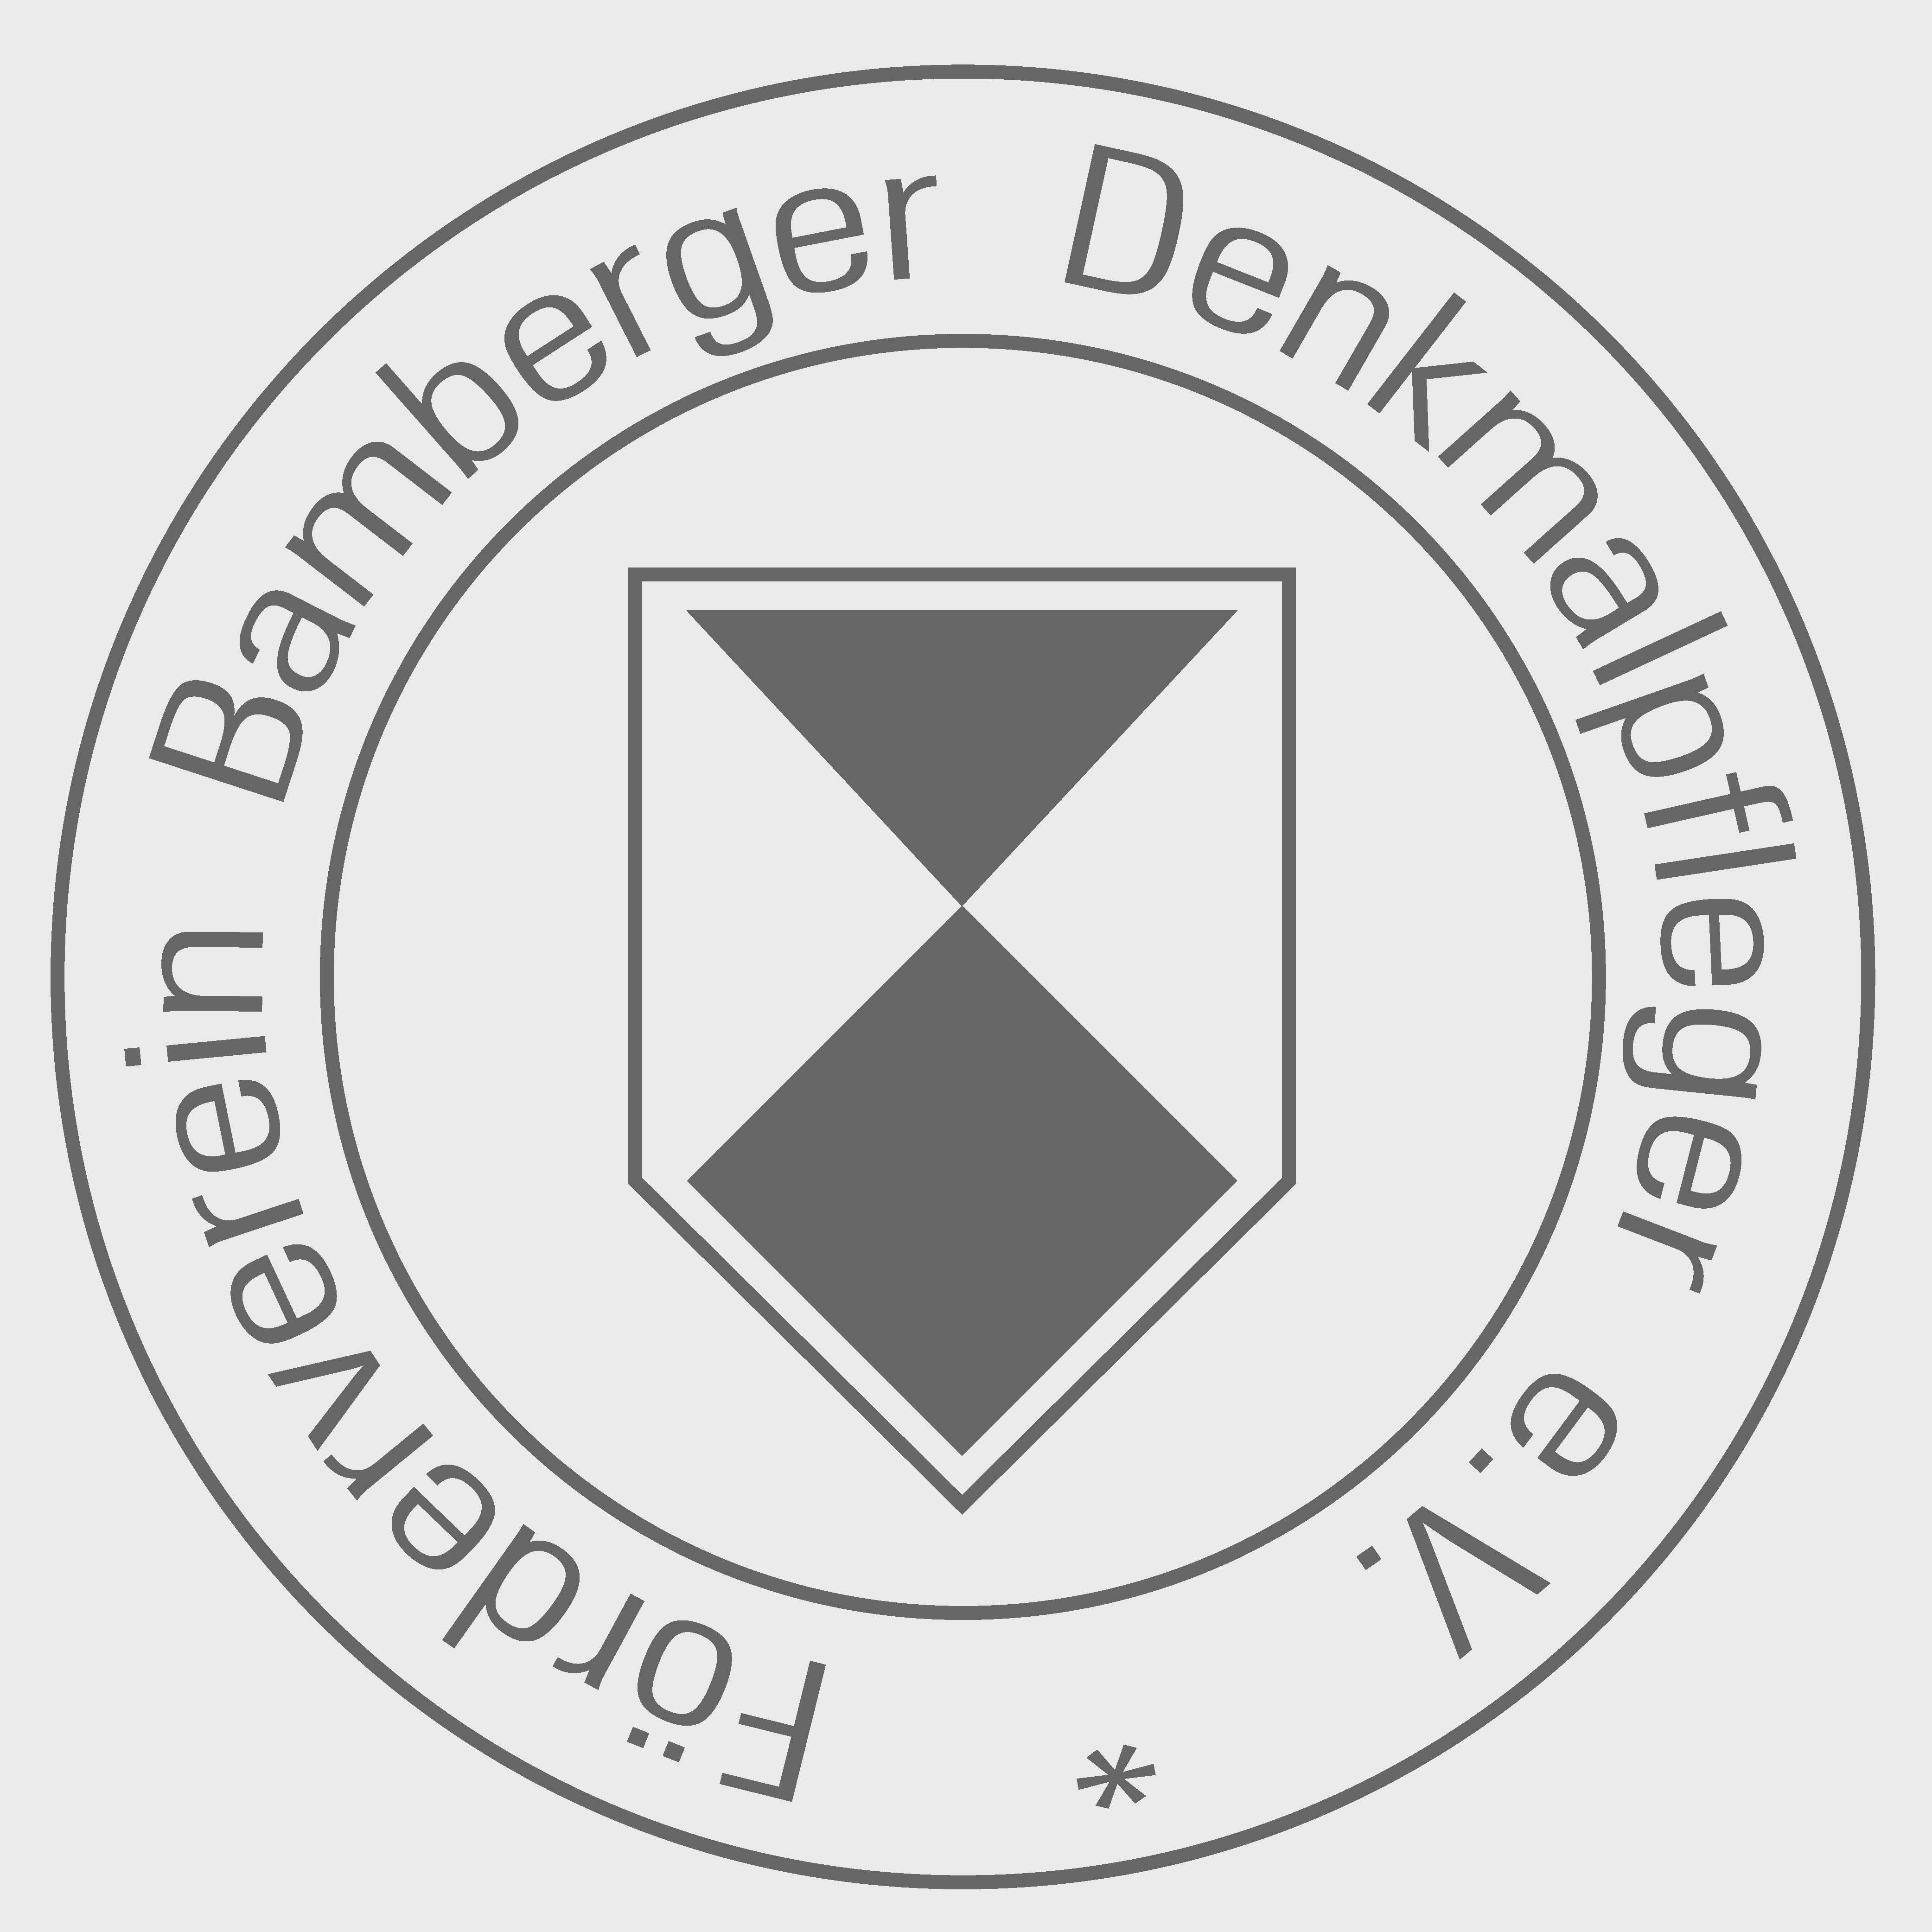 Förderverein Bamberger Denkmalpfleger e.V.